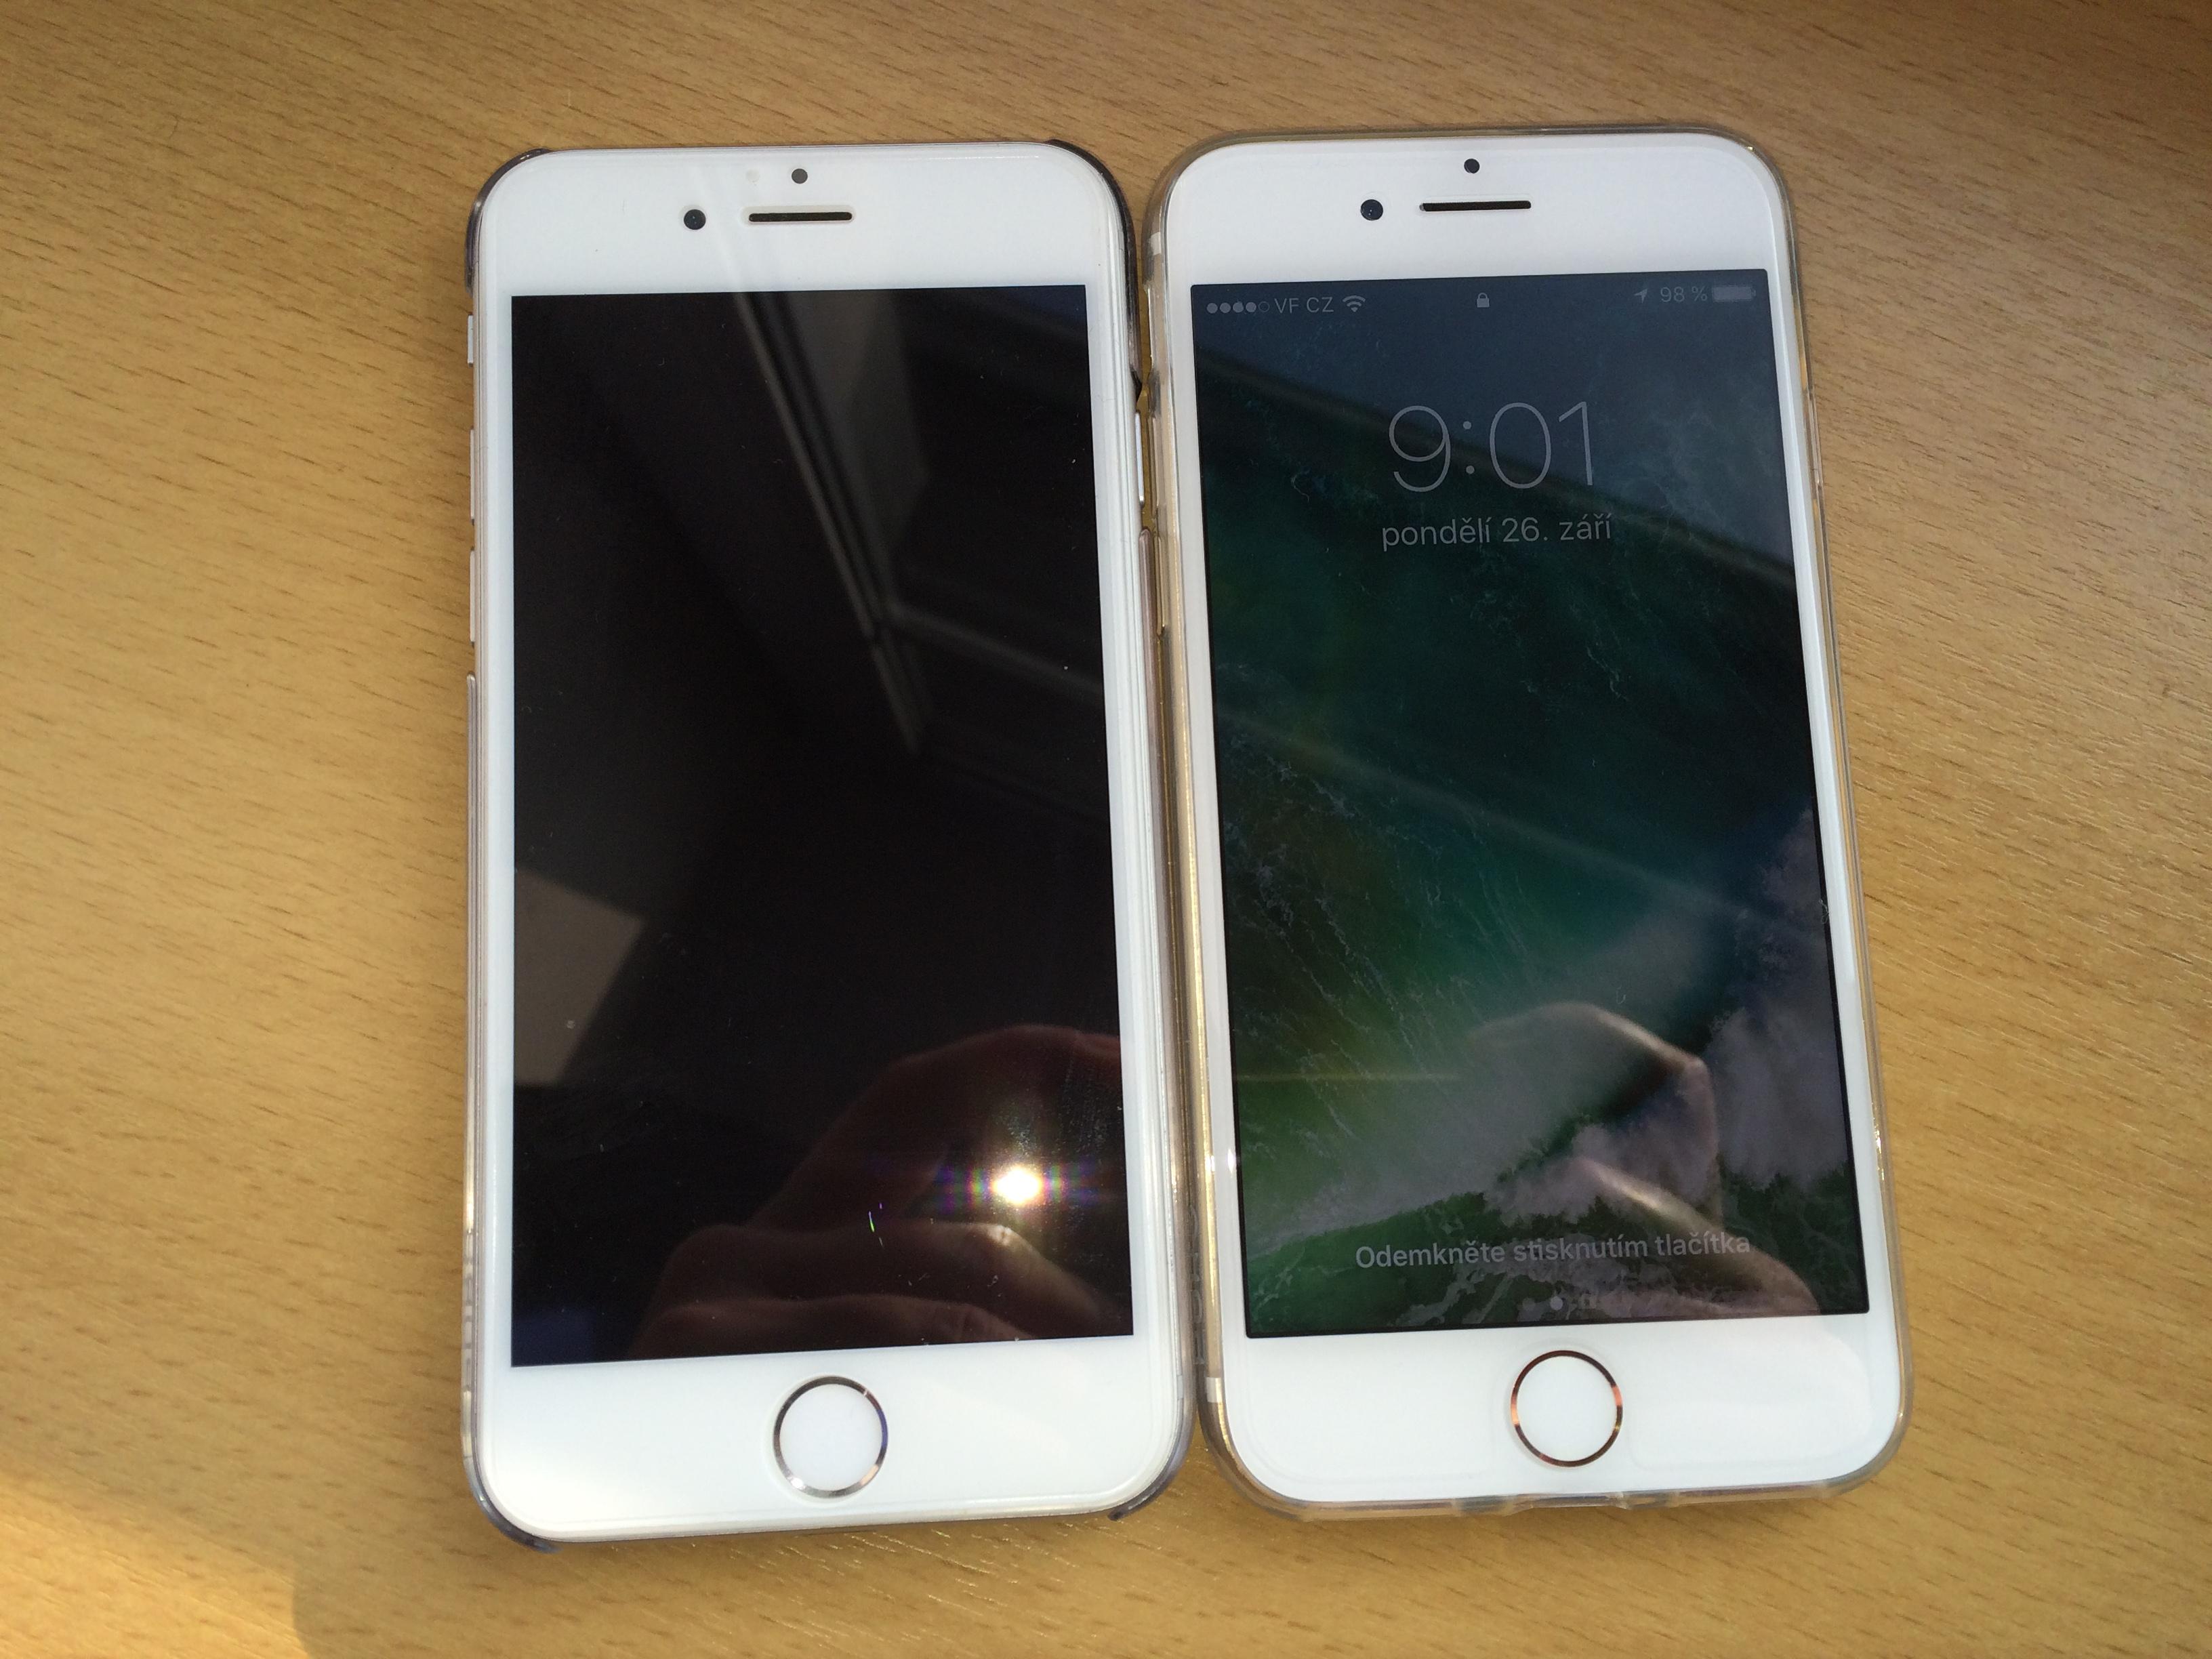 Recenze iPhone 7 - Nejlepší telefon současnosti  + 4K videa 199dc695a2a